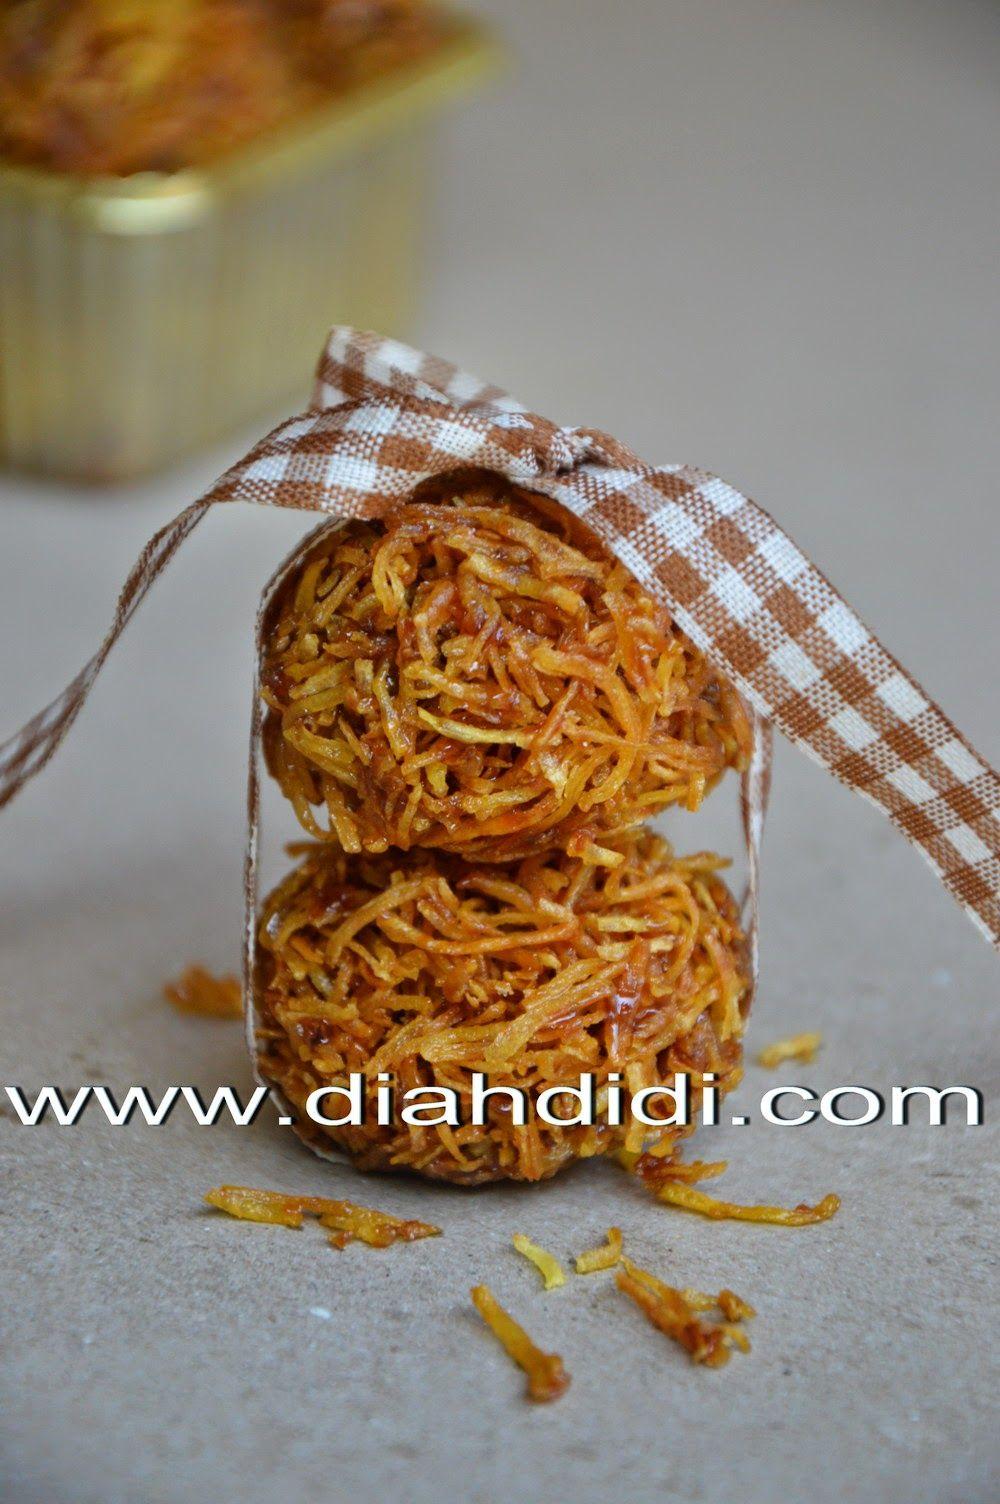 Diah Didi S Kitchen Grubi Carang Mas Homamade Makanan Cemilan Resep Masakan